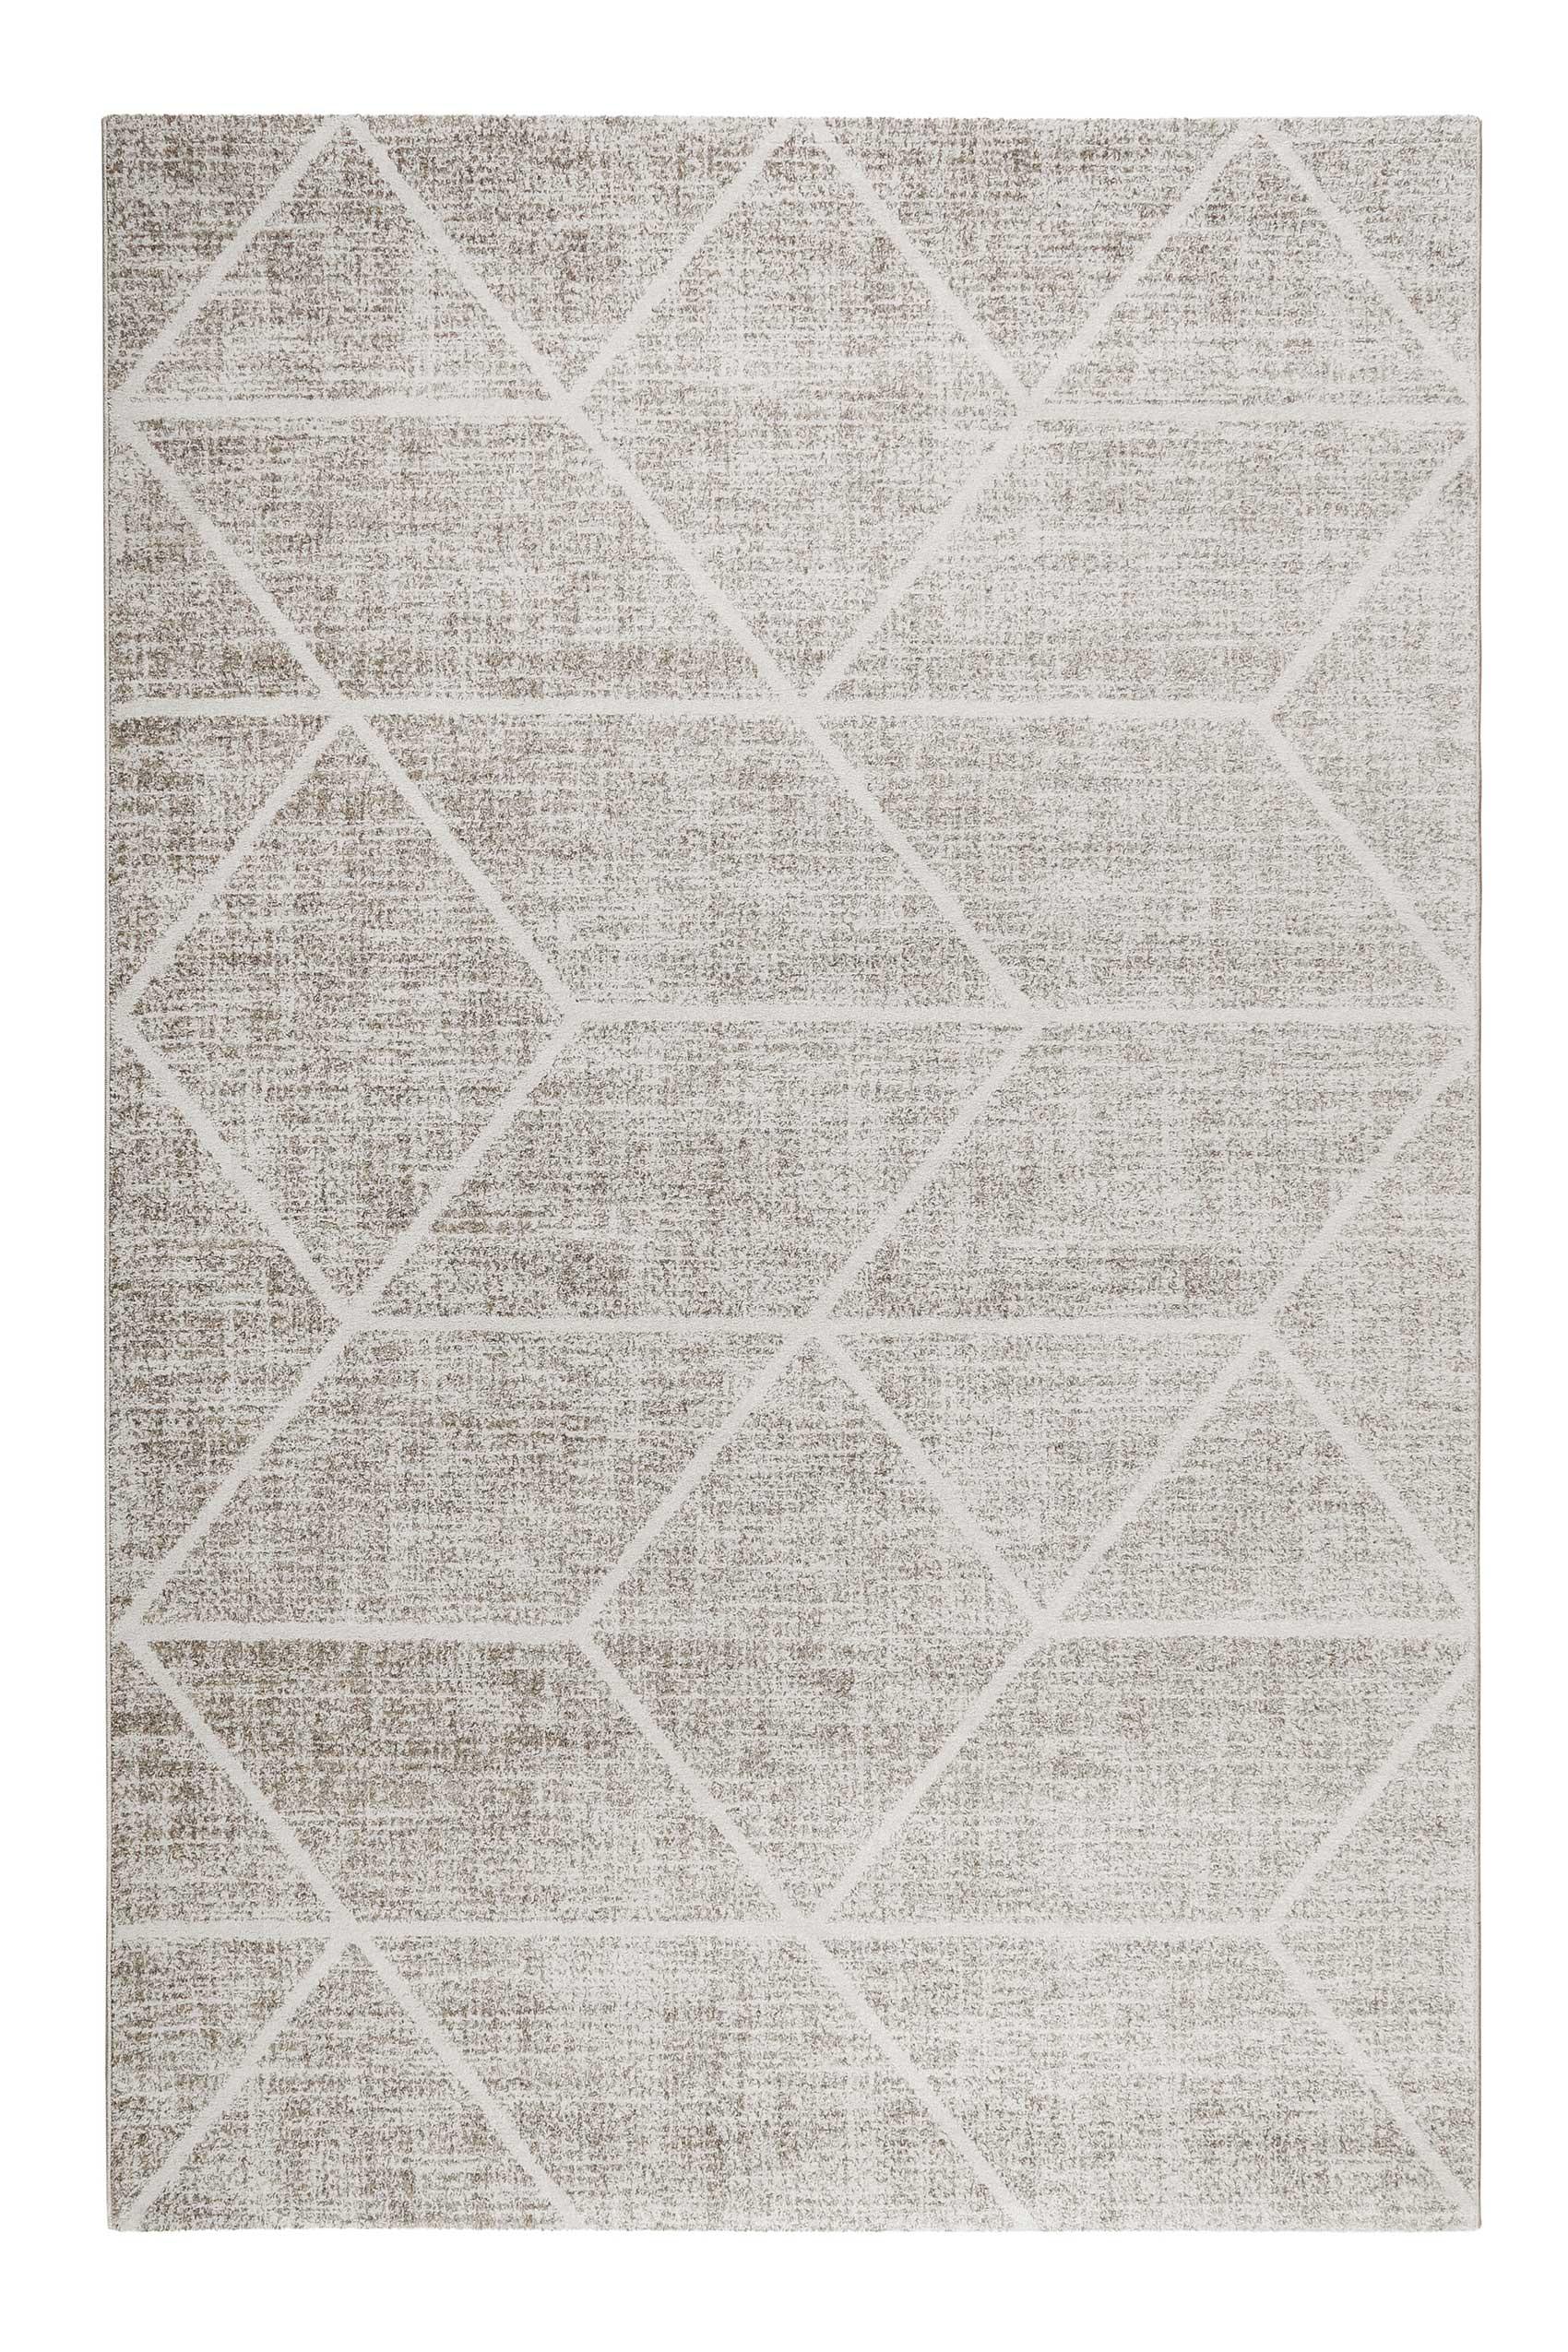 BOSSA LOUNGE - Tapis graphique à poils courts multicolore 200x133